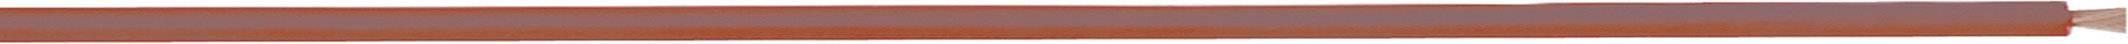 Merací vodič LappKabel 4560056S LiFY, 1 x 2.50 mm², vonkajší Ø 4.20 mm, metrový tovar, červená